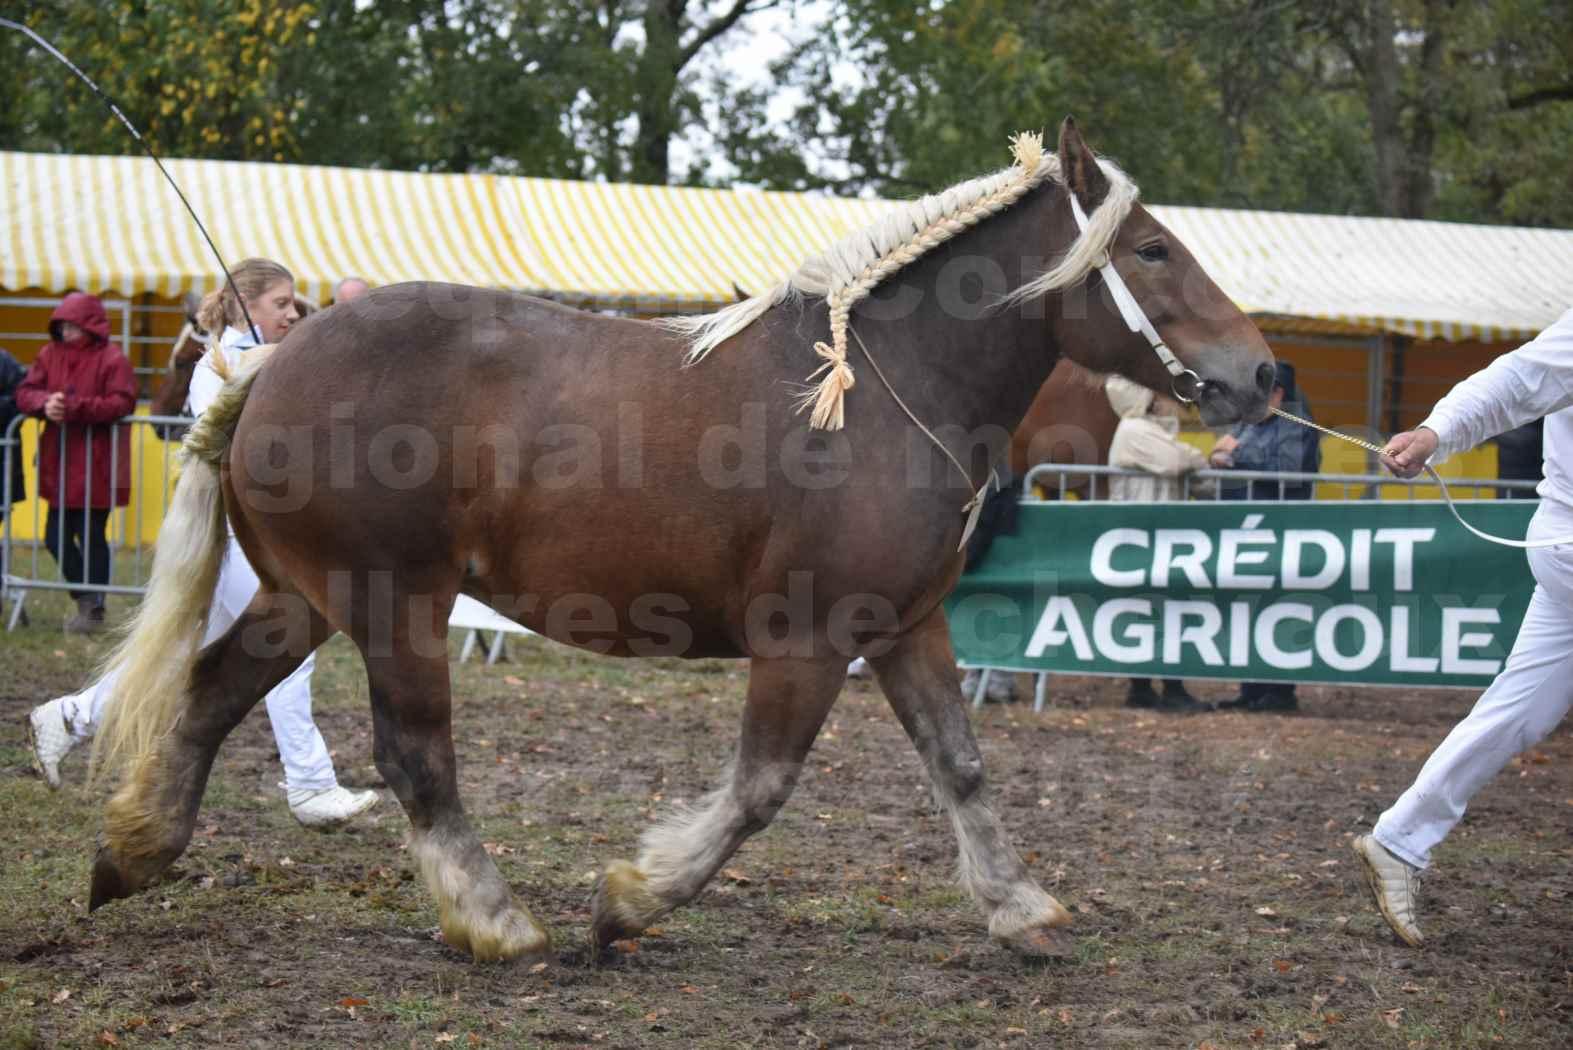 Concours Régional de chevaux de traits en 2017 - Pouliche Trait COMTOIS - ECLIPCE DE PIGASSOU - 20